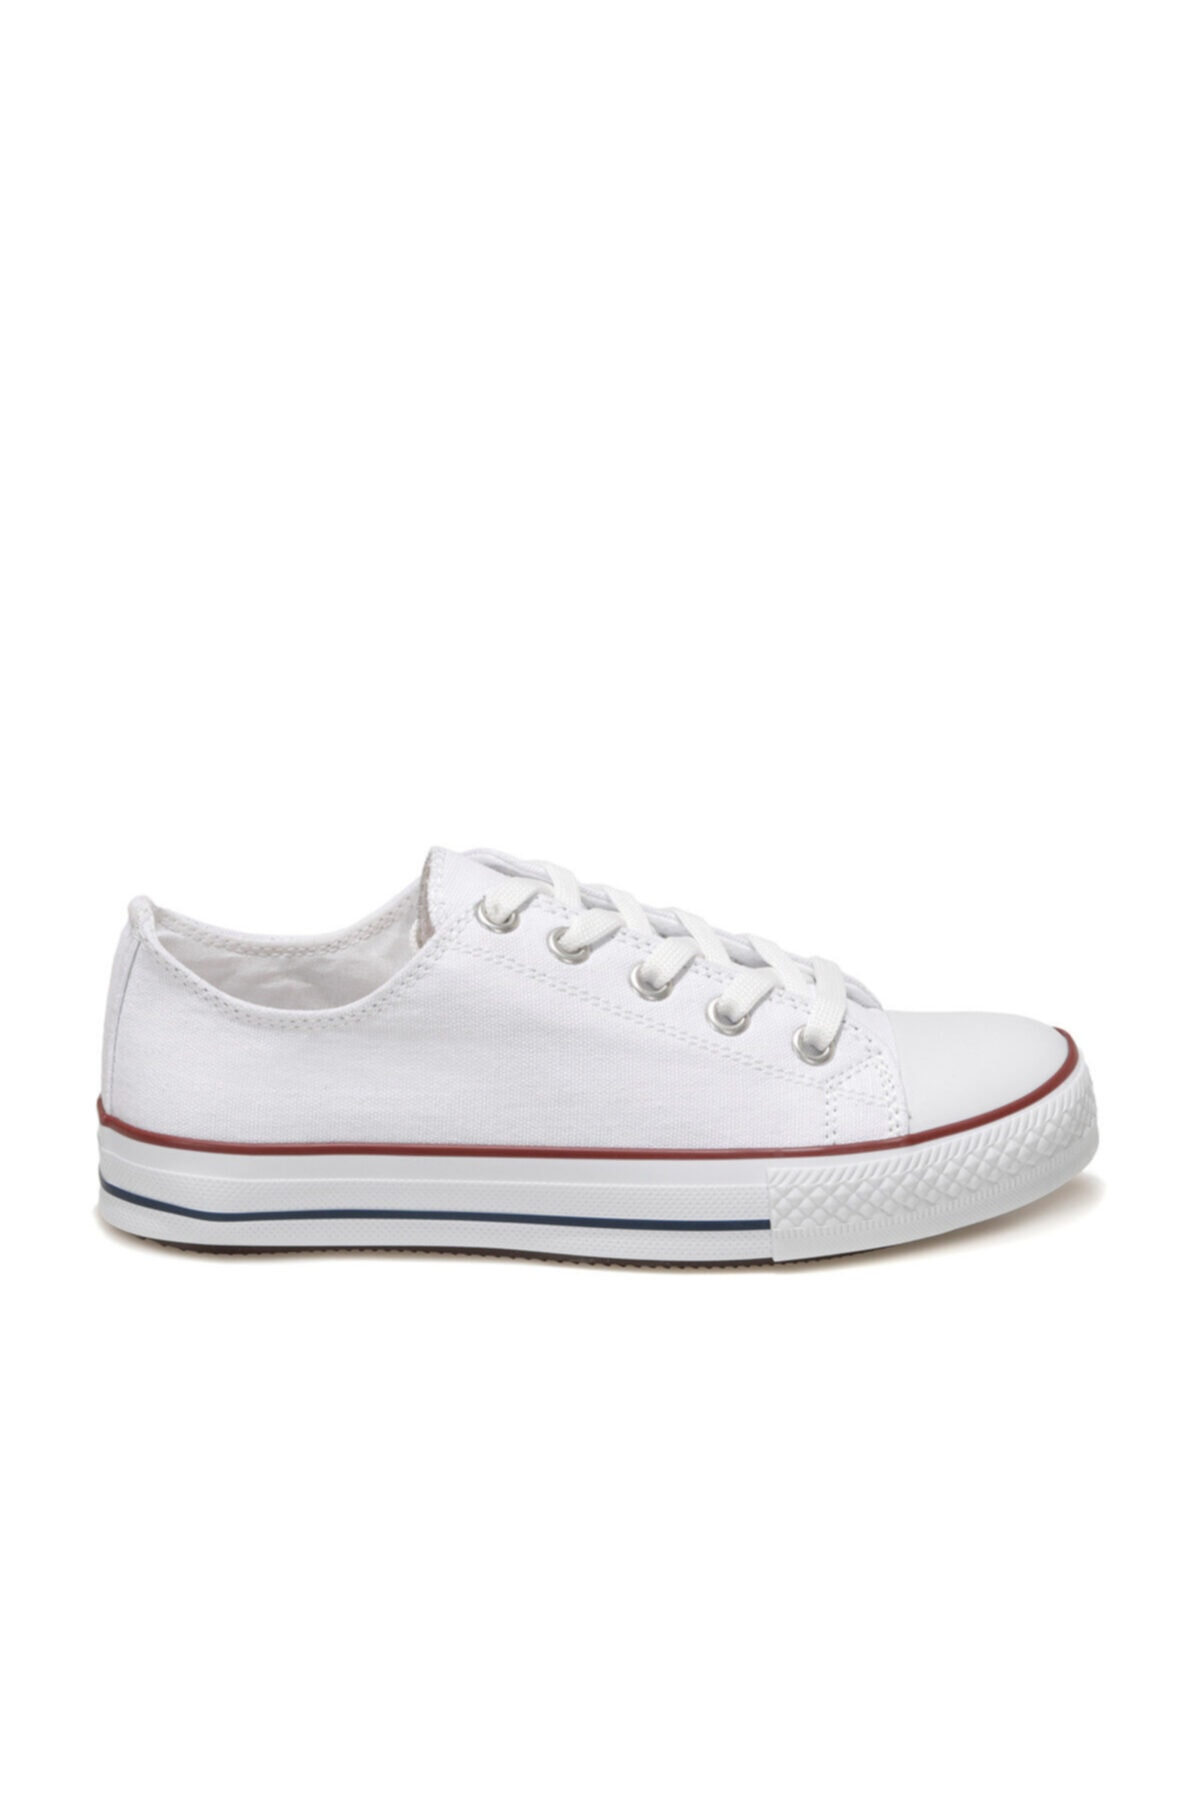 Polaris 515231.G1FX Beyaz Erkek Çocuk Sneaker 101015515 2